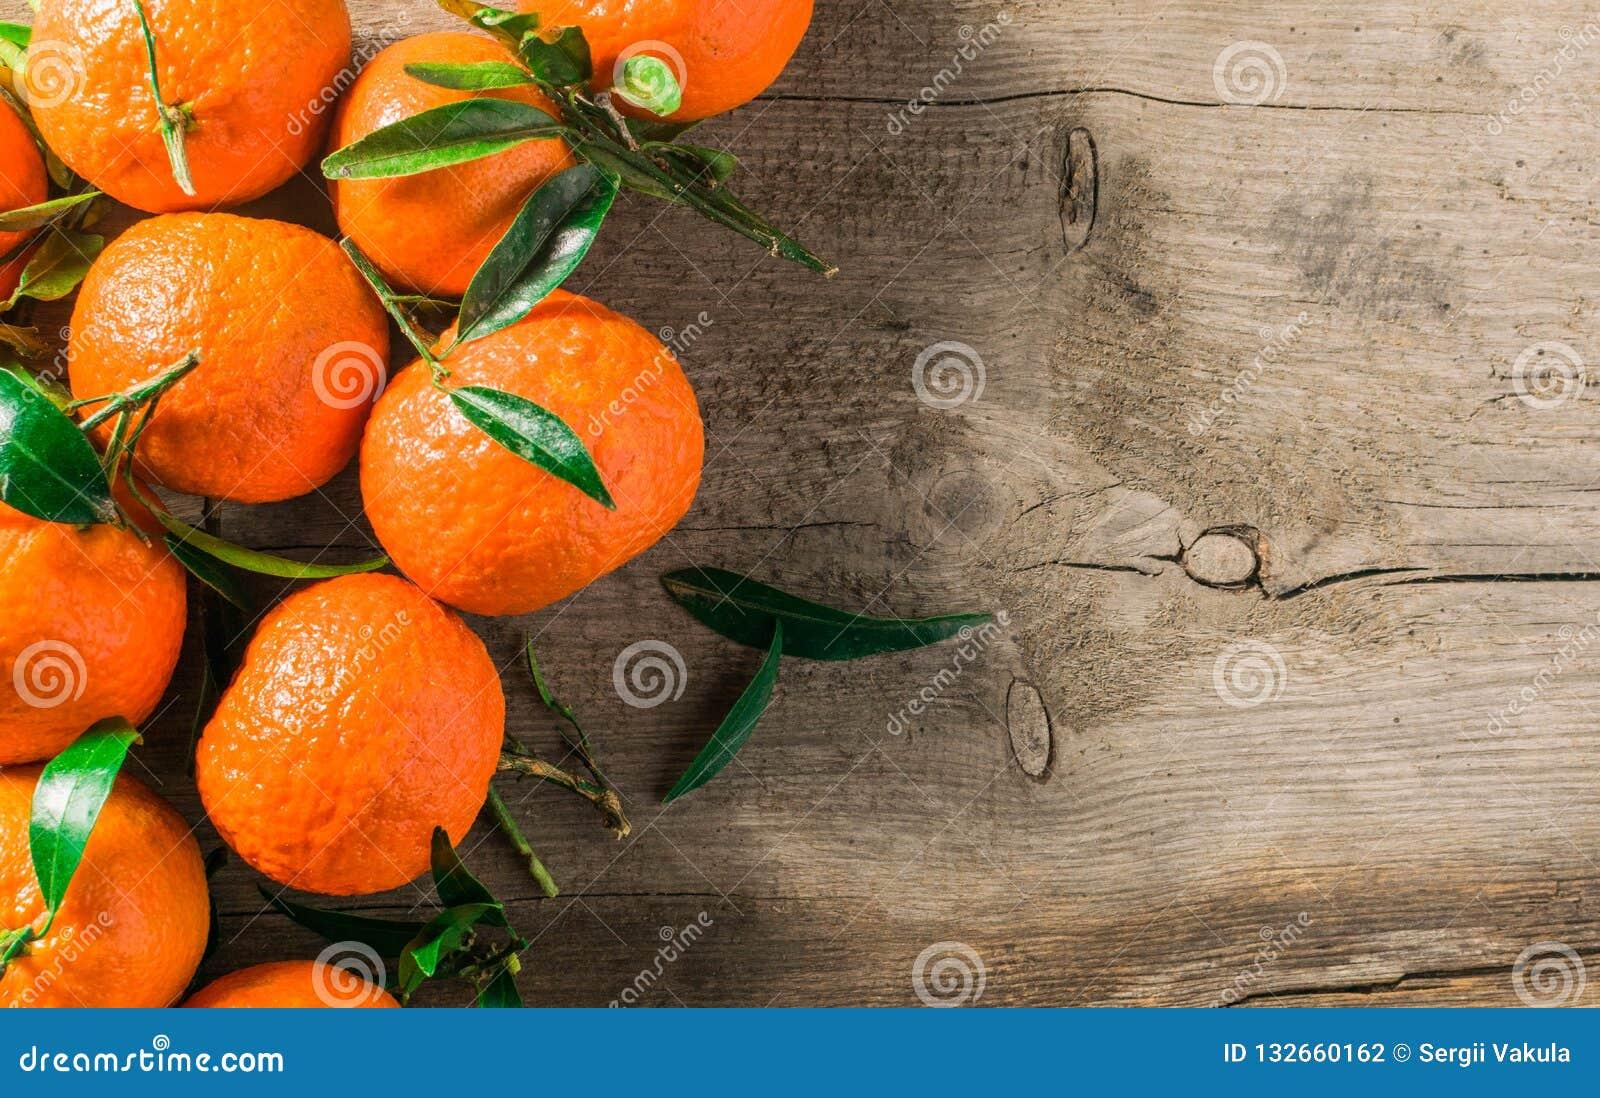 Tangerines pomarańcze, mandarynki, clementines, cytrus owoc z liśćmi w koszu nad nieociosanym drewnianym tłem, kopii przestrzeń